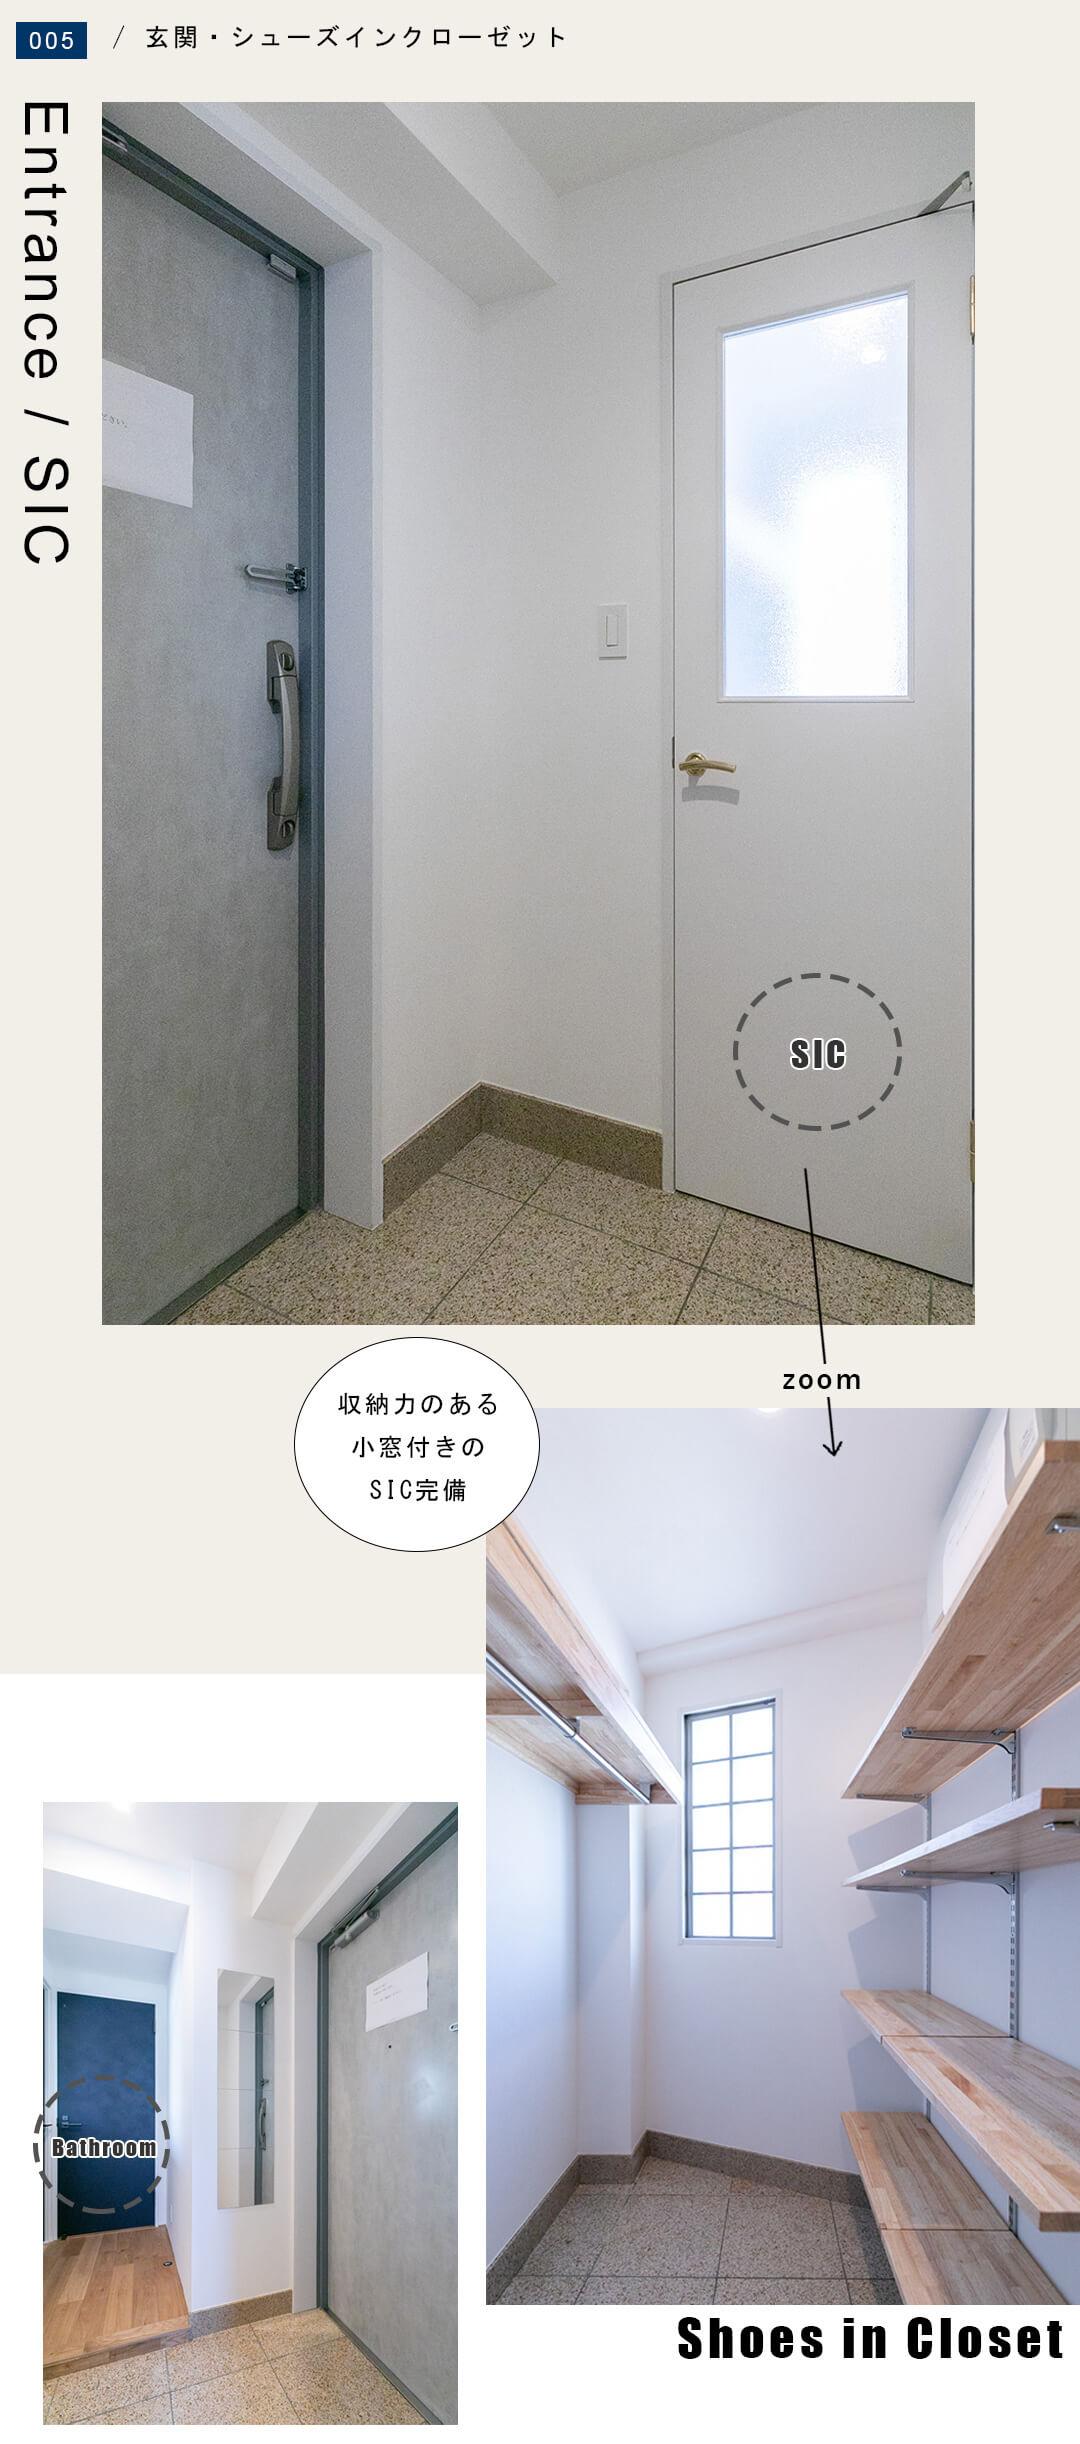 ユニロイヤル赤坂 6xxの玄関・シューズインクローゼット